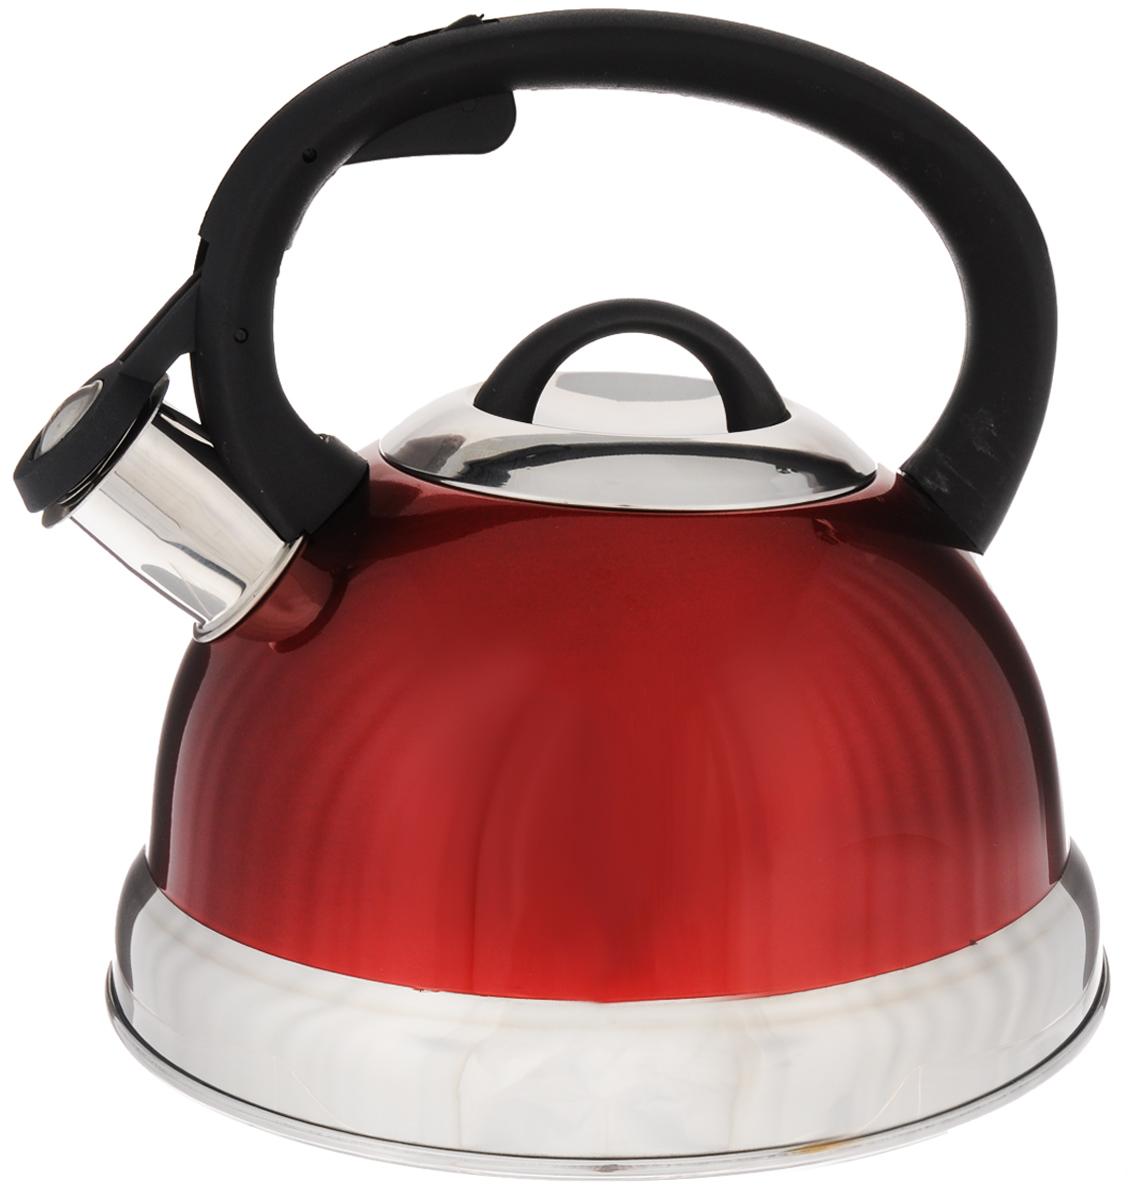 Чайник Mayer & Boch, со свистком, цвет: красный, черный, серебристый, 2,6 л. 2727Чайник Mayer & Boch выполнен из высококачественной нержавеющей стали, что делает его весьма гигиеничным и устойчивым к износу при длительном использовании. Носик чайника оснащен насадкой-свистком, что позволит вам контролировать процесс подогрева или кипячения воды. Фиксированная ручка, изготовленная из пластика, делает использование чайника очень удобным и безопасным. Поверхность чайника гладкая, что облегчает уход за ним. Эстетичный и функциональный чайник будет оригинально смотреться в любом интерьере.Подходит для всех типов плит, включая индукционные. Можно мыть в посудомоечной машине.Высота чайника (с учетом ручки и крышки): 20,5 см.Диаметр чайника (по верхнему краю): 10,5 см.Диаметр основания: 21 см.Диаметр индукционного диска: 14,5 см.